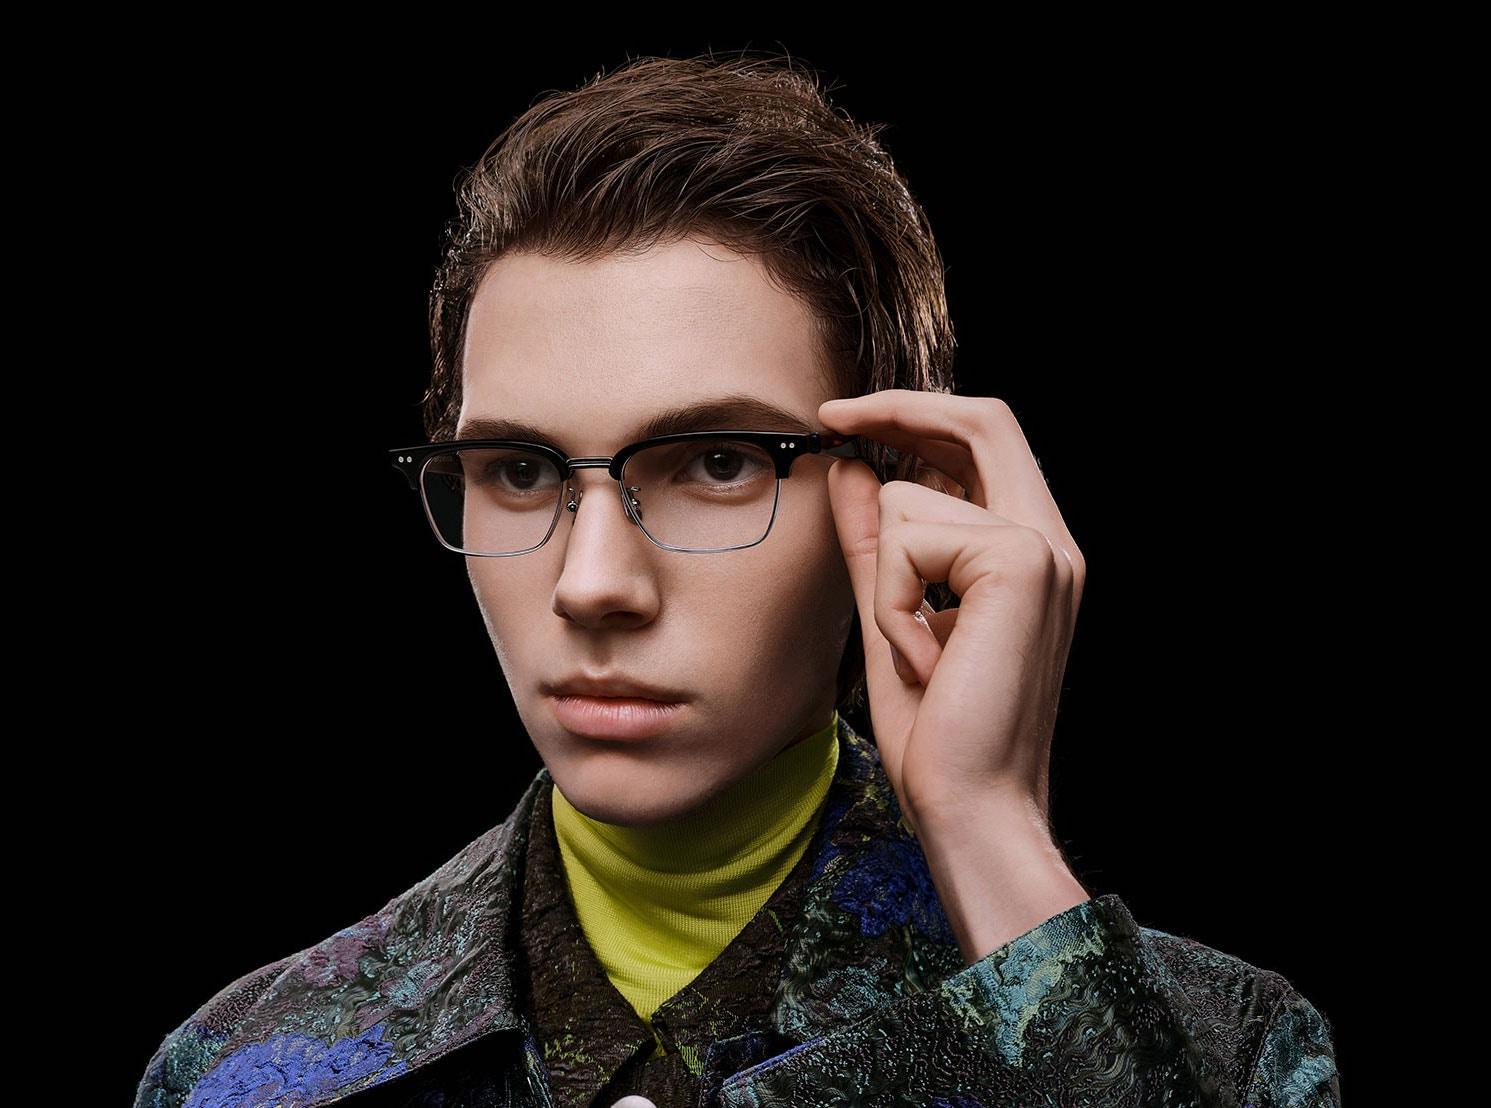 Tecnologia alla moda, arrivano i nuovi occhiali smart di Huawei (foto)